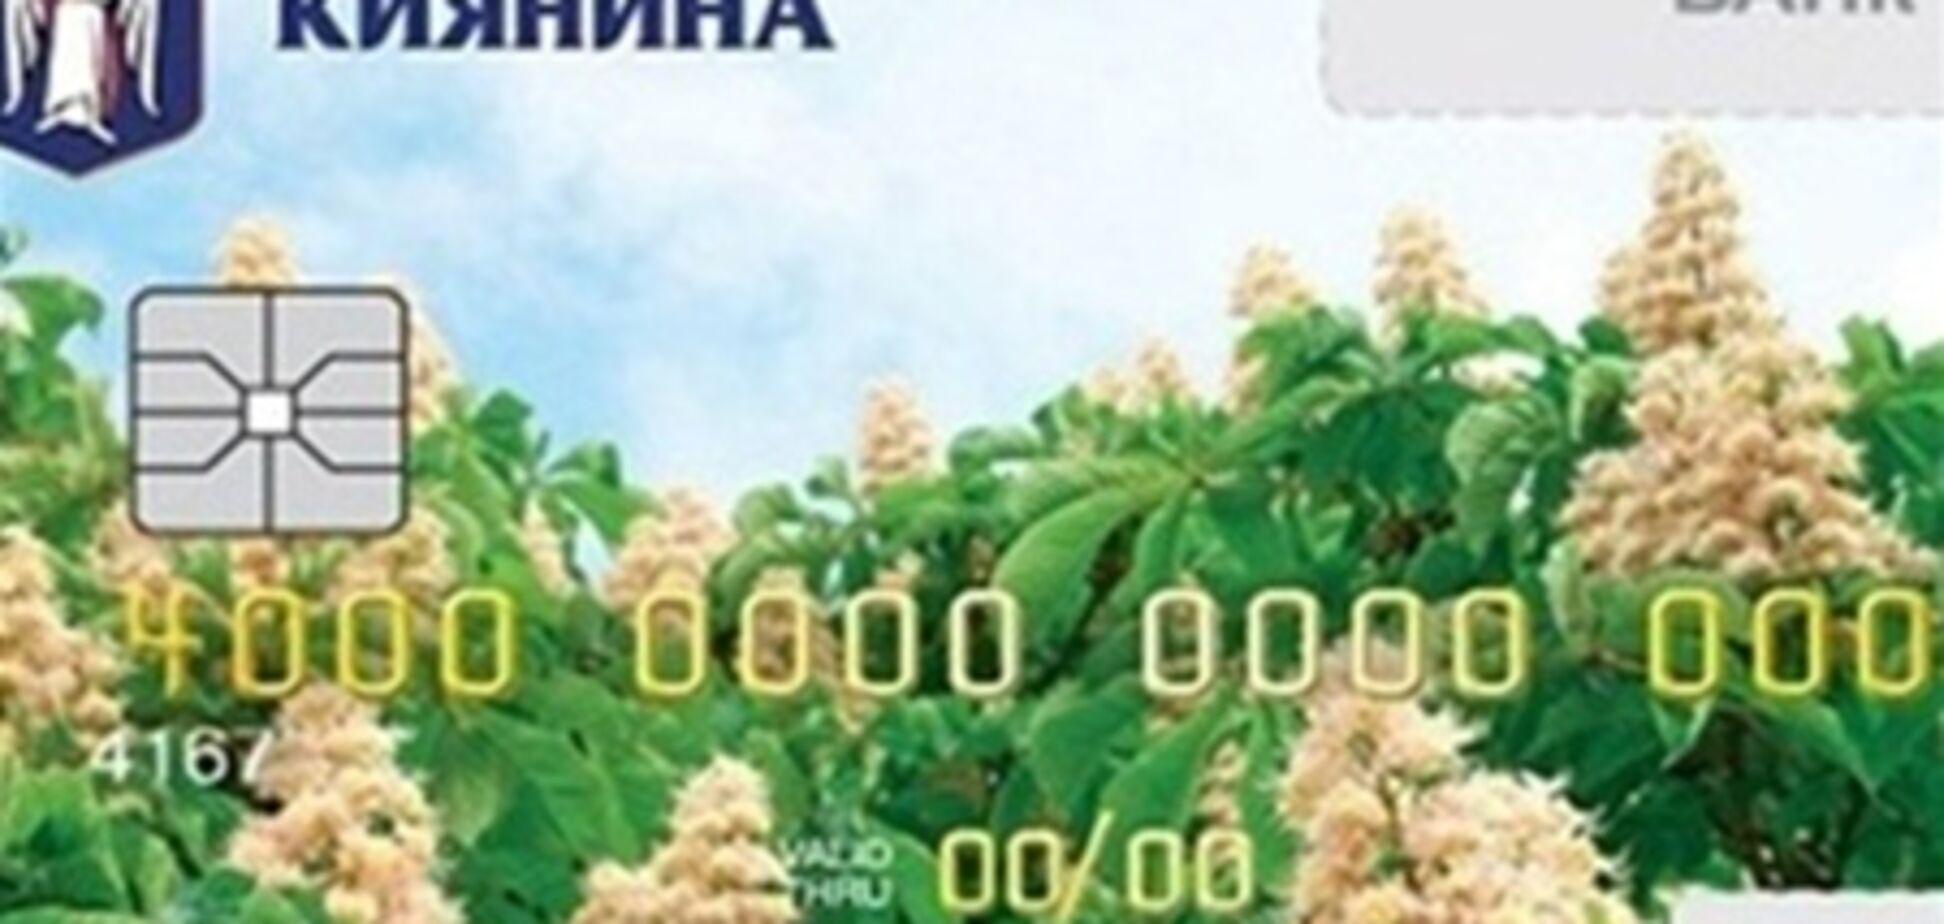 Приезжим также дадут 'карточки киевлянина'